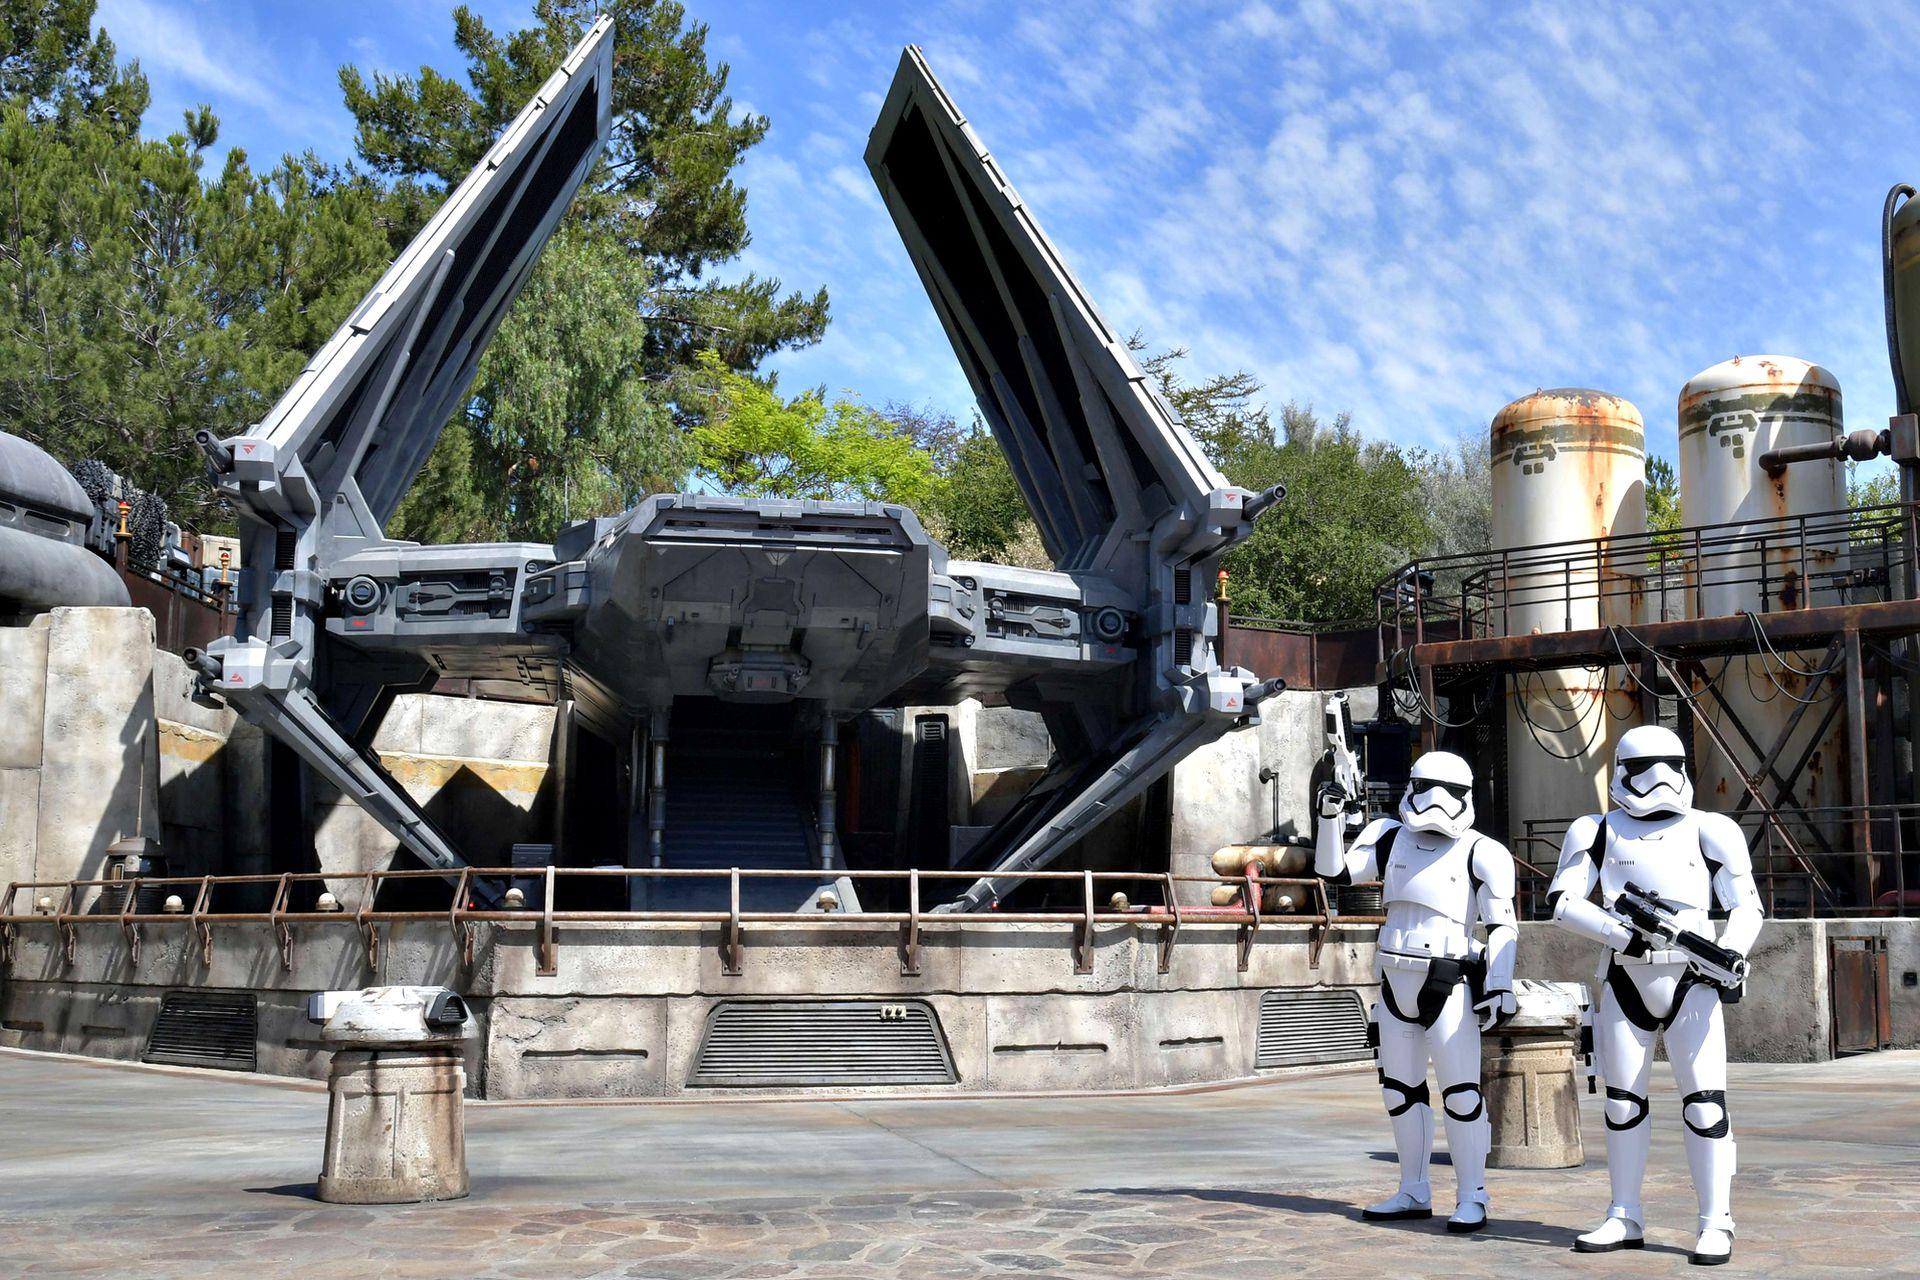 La atracción inspirada en Star Wars está emplazada en un terreno de 6 hectáreas, en Disneyland Park de Anaheim, en el estado de California